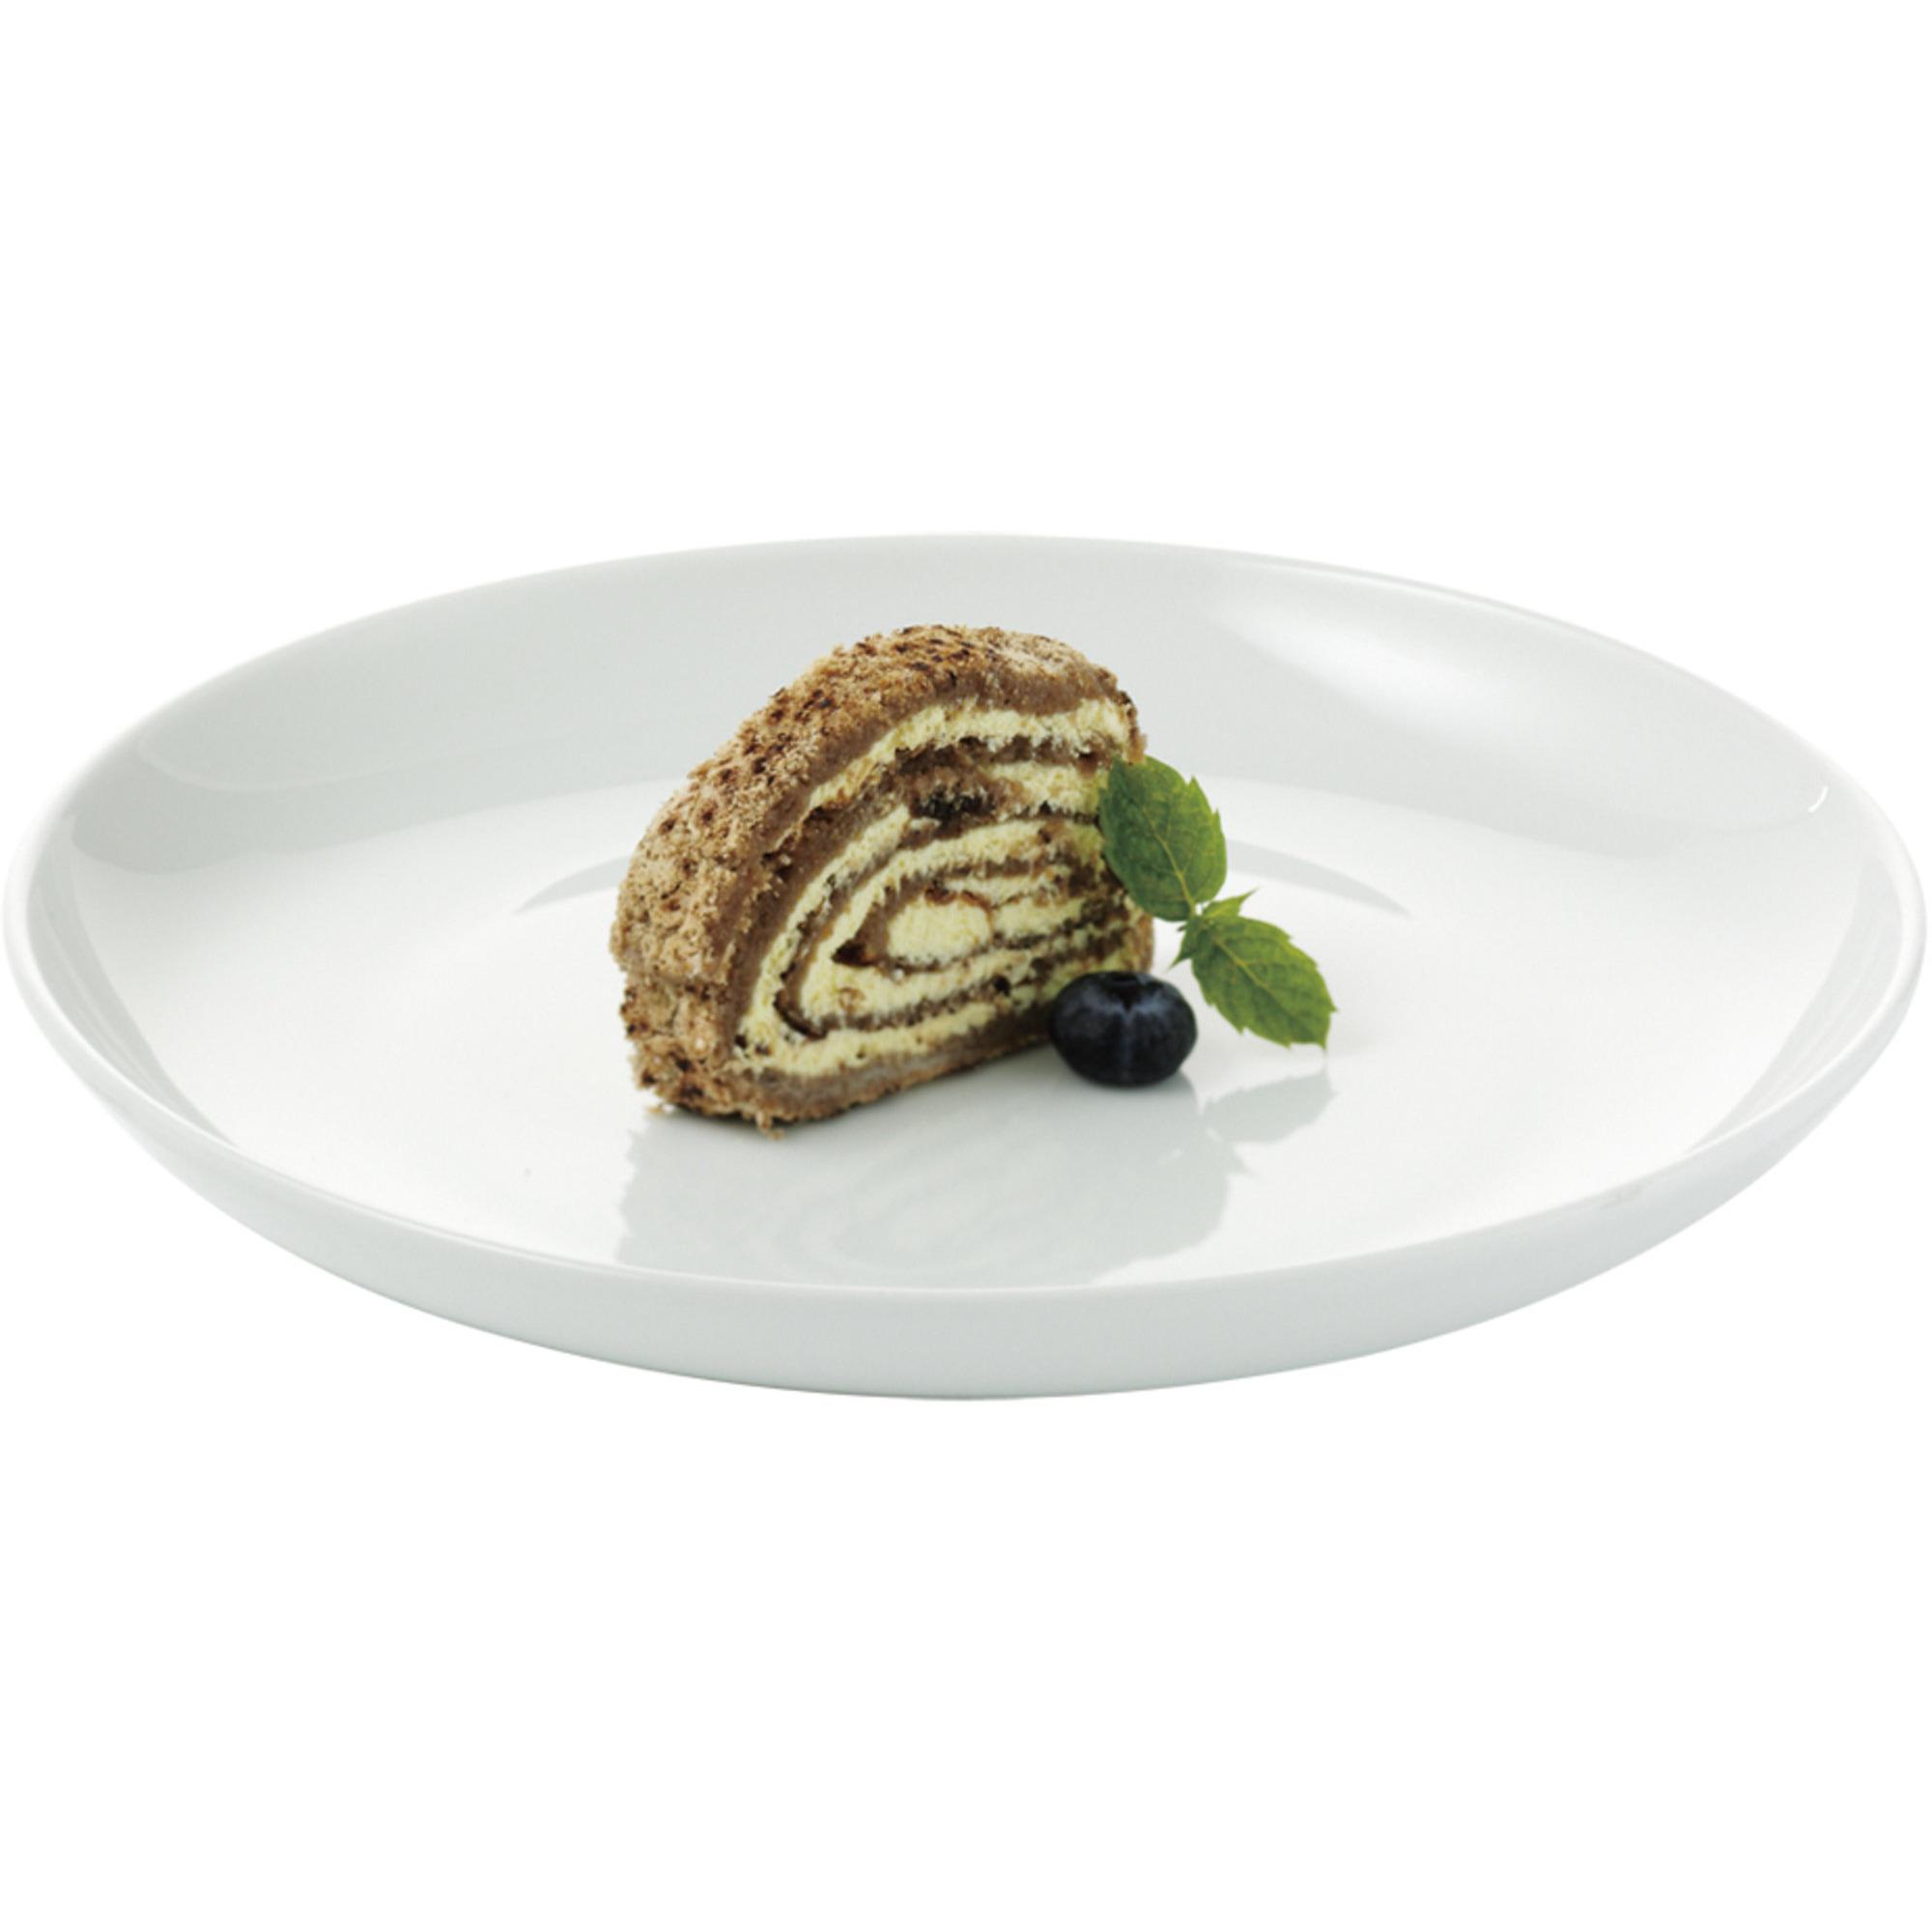 Bilde av Aida Atelier Desserttallerken 18 Cm 4-pk